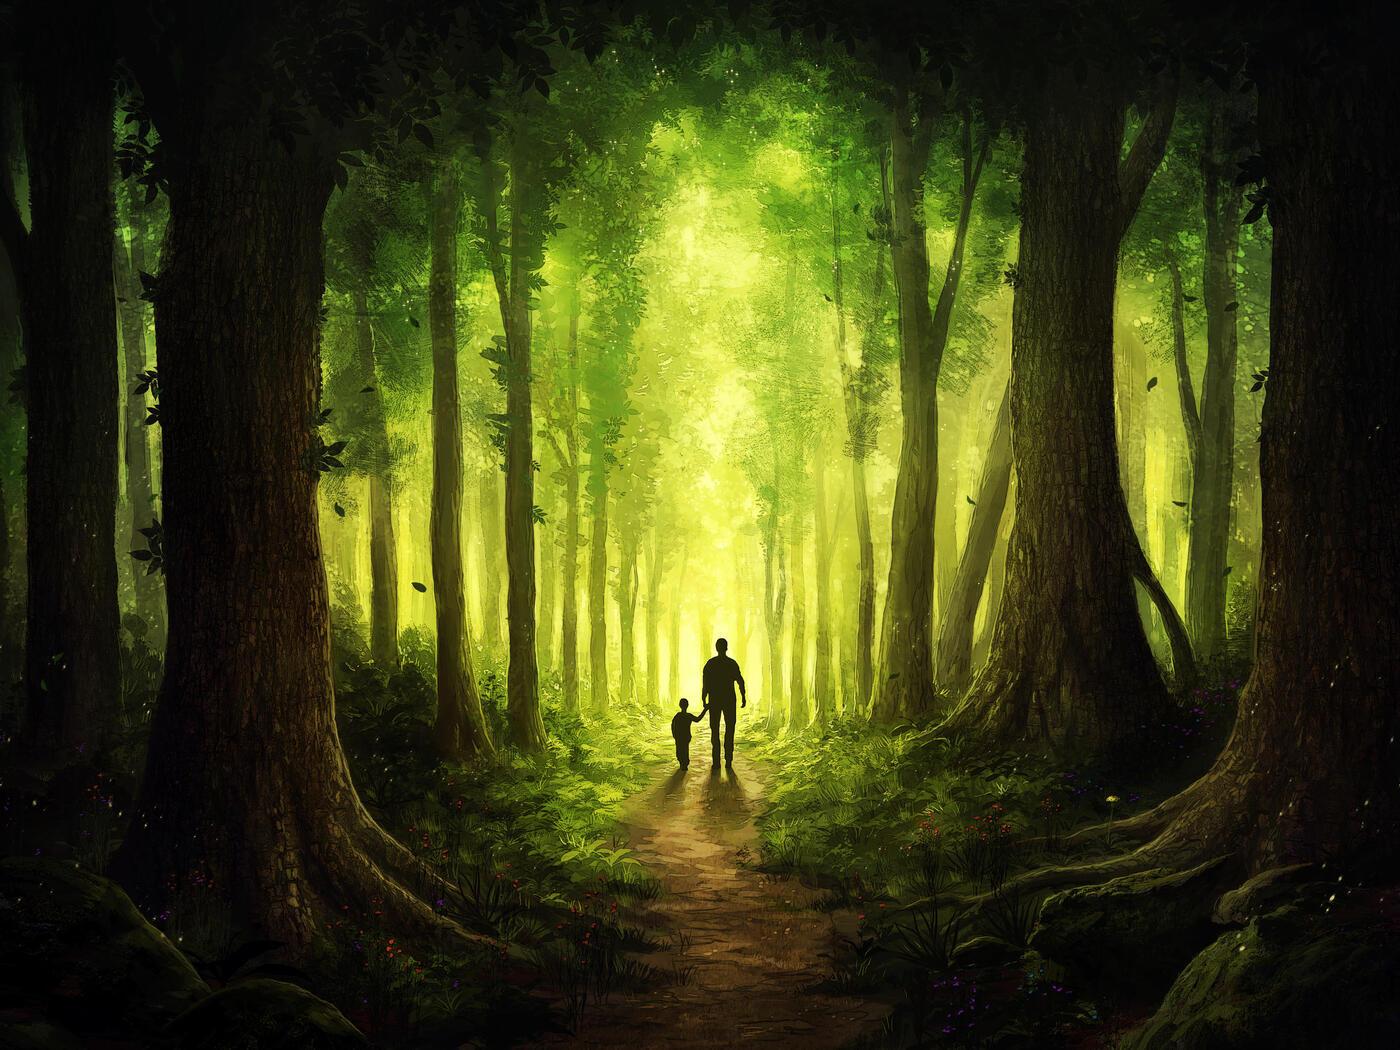 children-walking-with-dad-journey-to-forest-bq.jpg